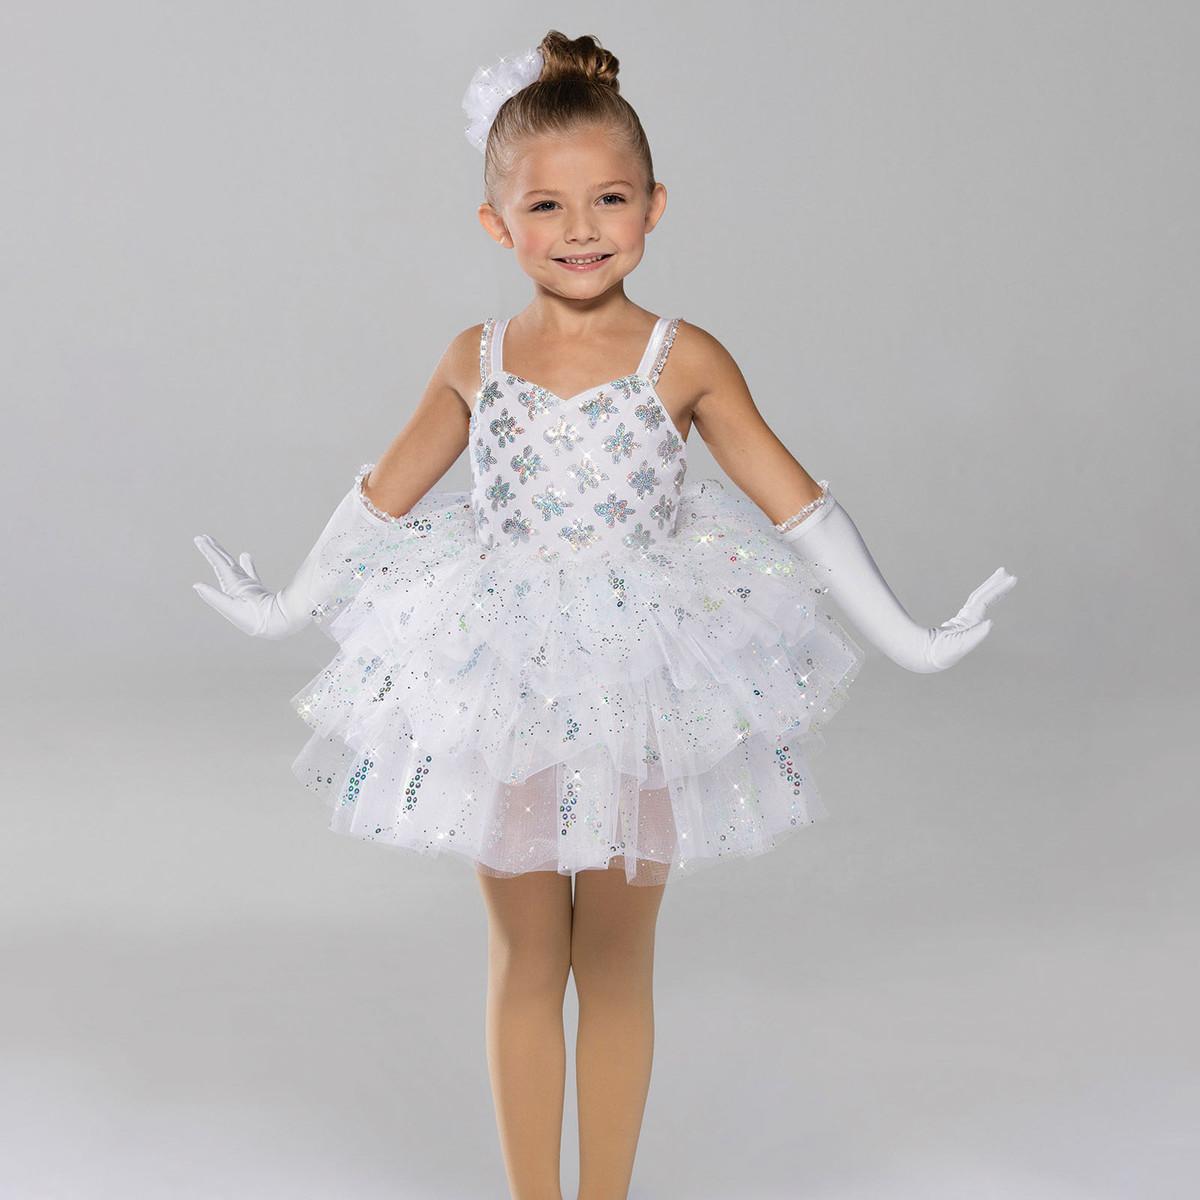 Snowflake Snowflake Choreography